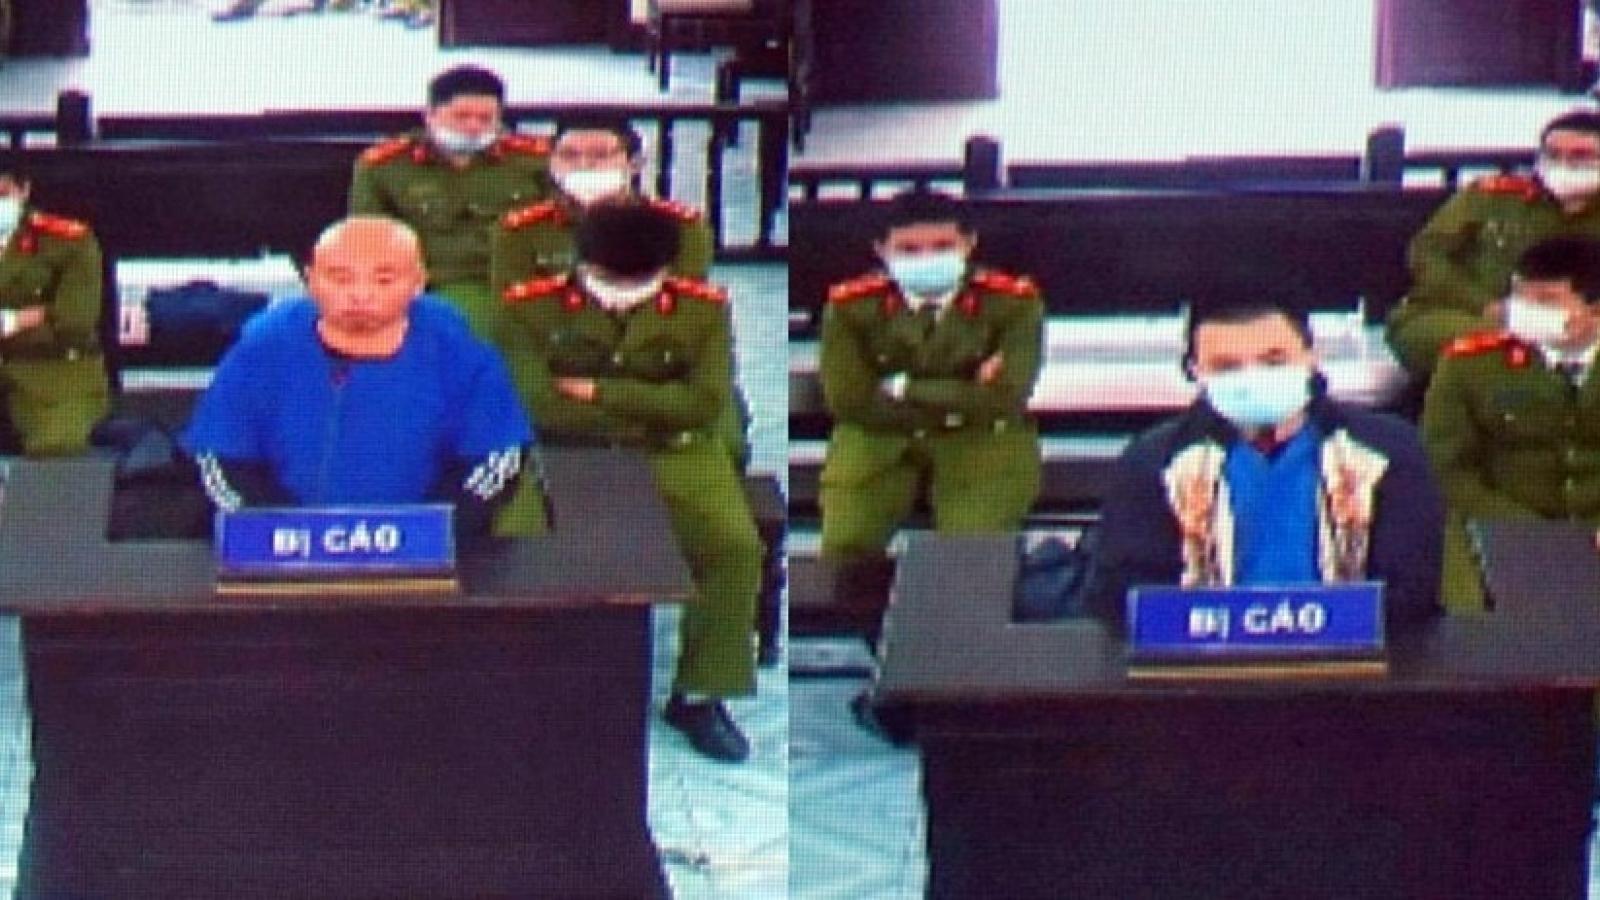 """Nguyễn Xuân Đường và con nuôi Tiến """"trắng"""" khai gì tại tòa?"""